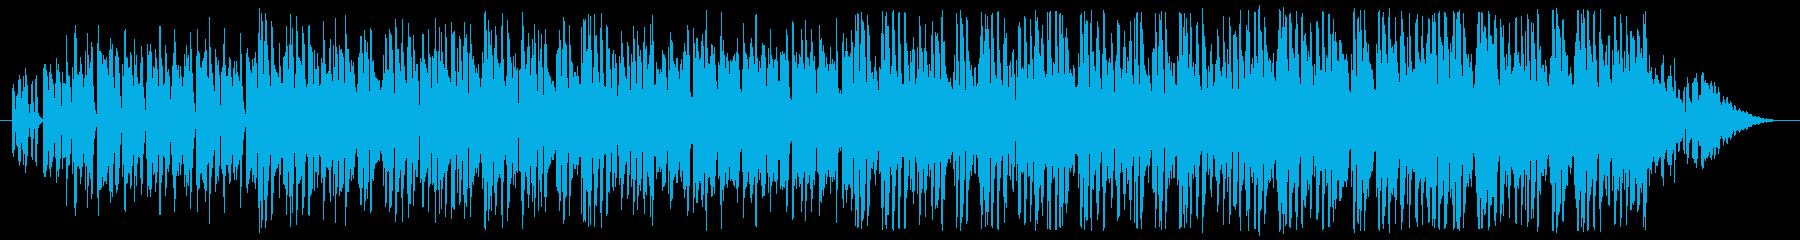 弾むピアノ曲の再生済みの波形